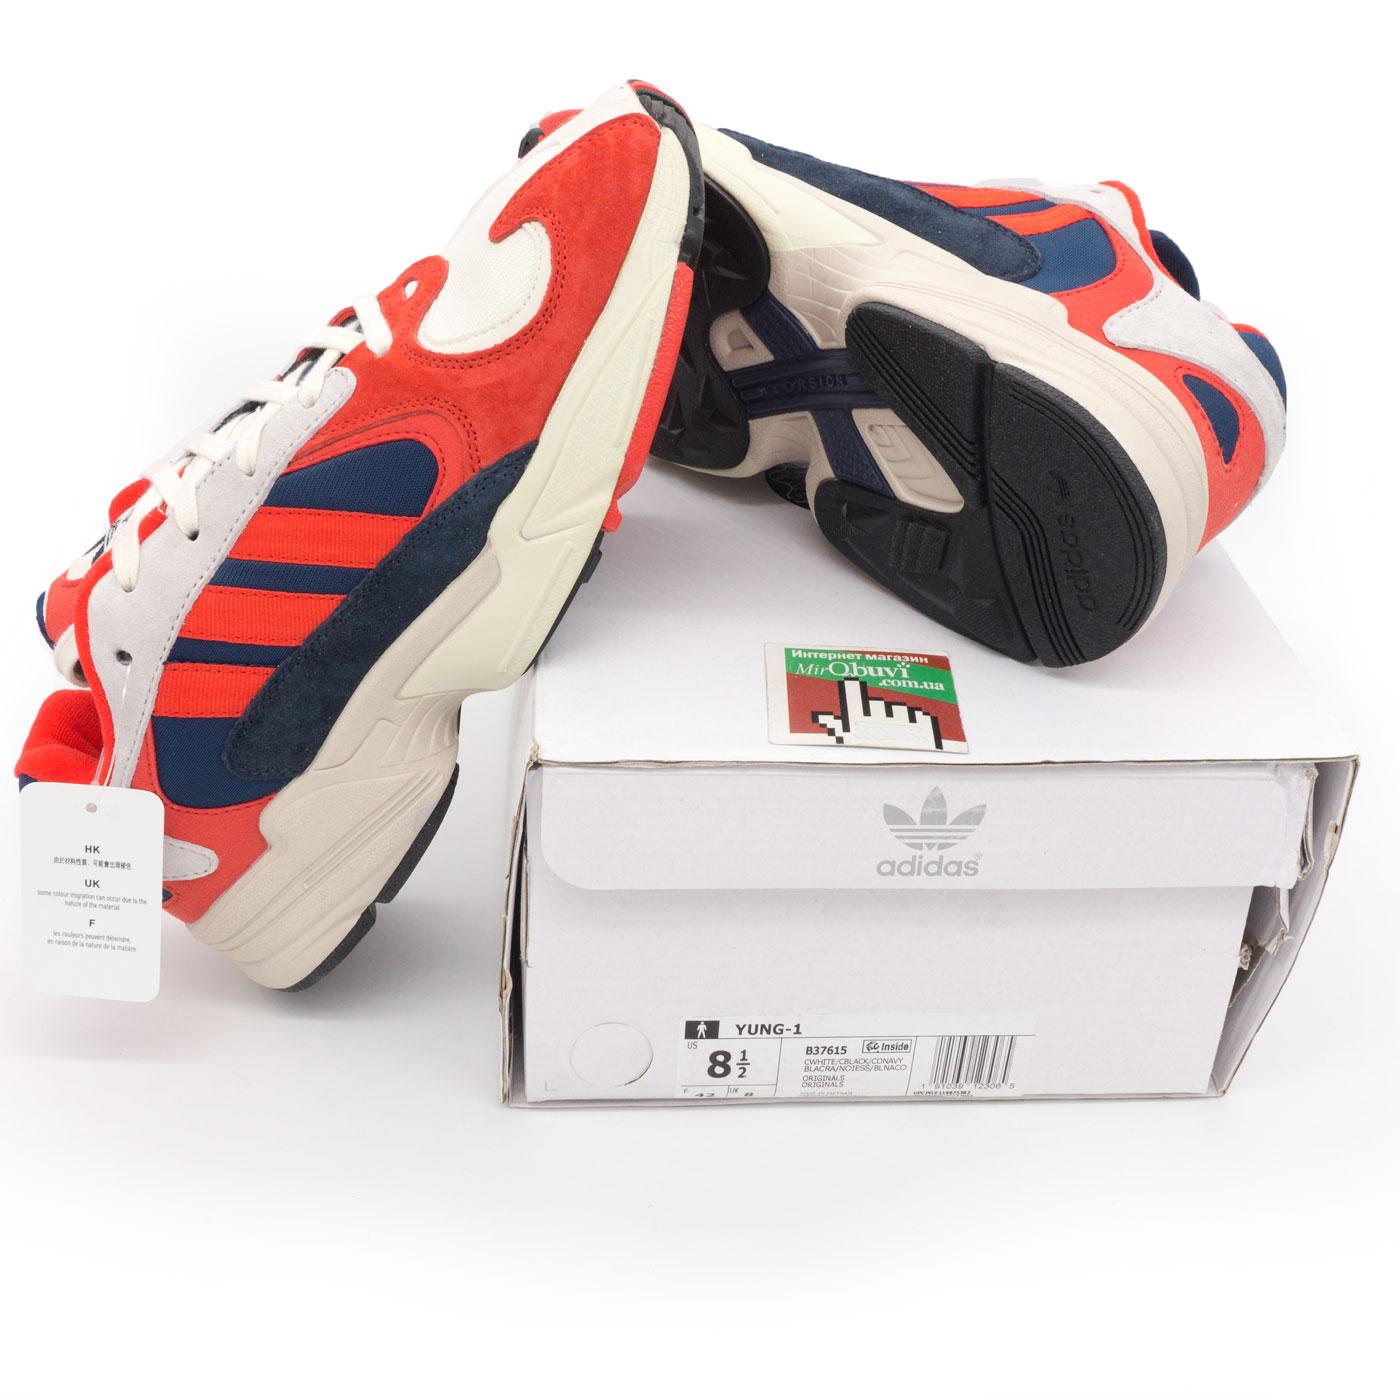 фото кроссовок Adidas  Yung